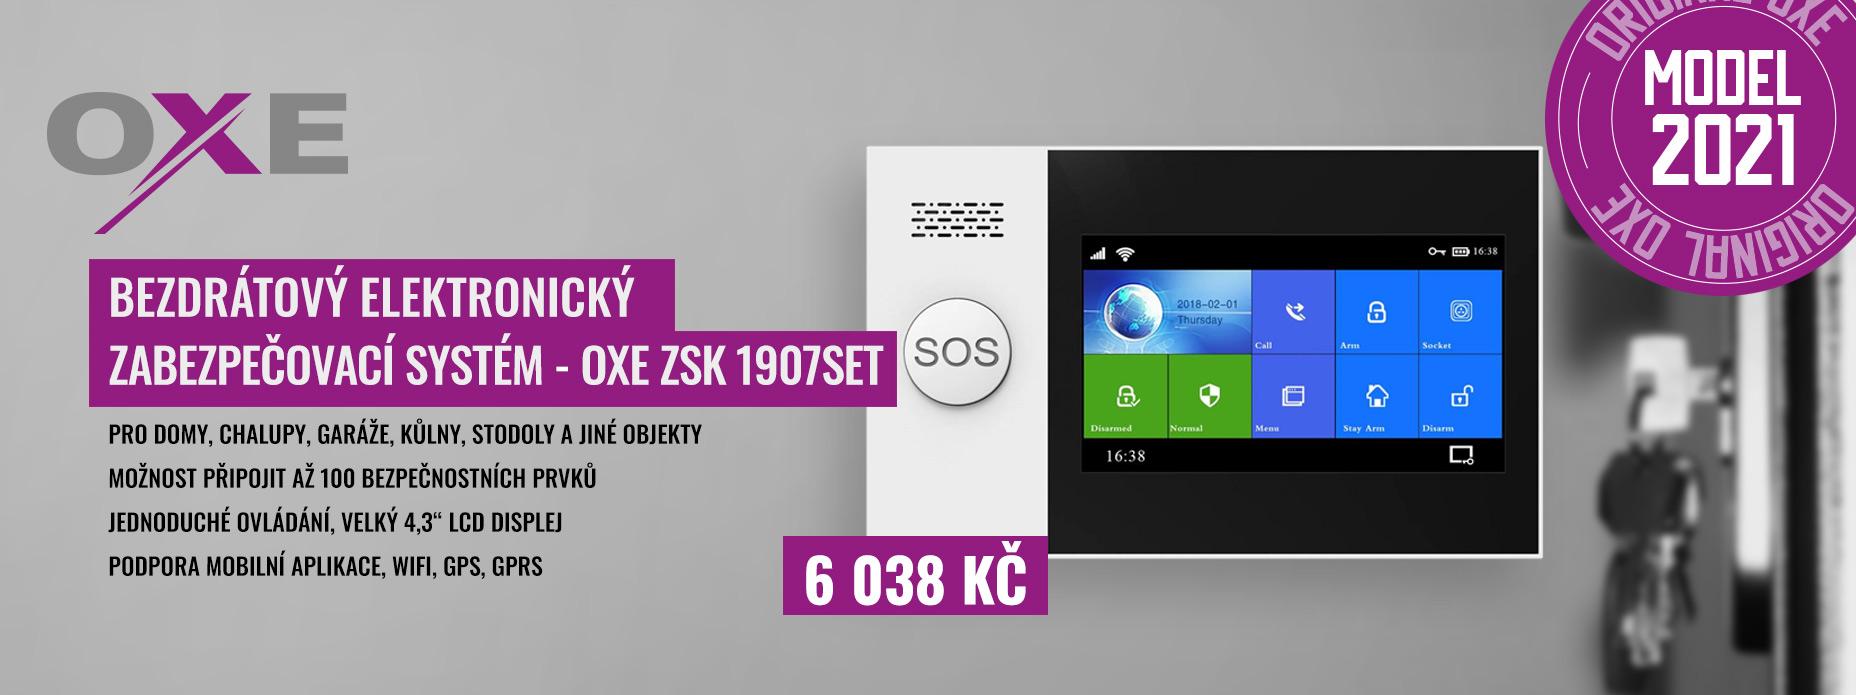 OXE ZSK 1907SET - Bezdrátový elektronický zabezpečovací systém